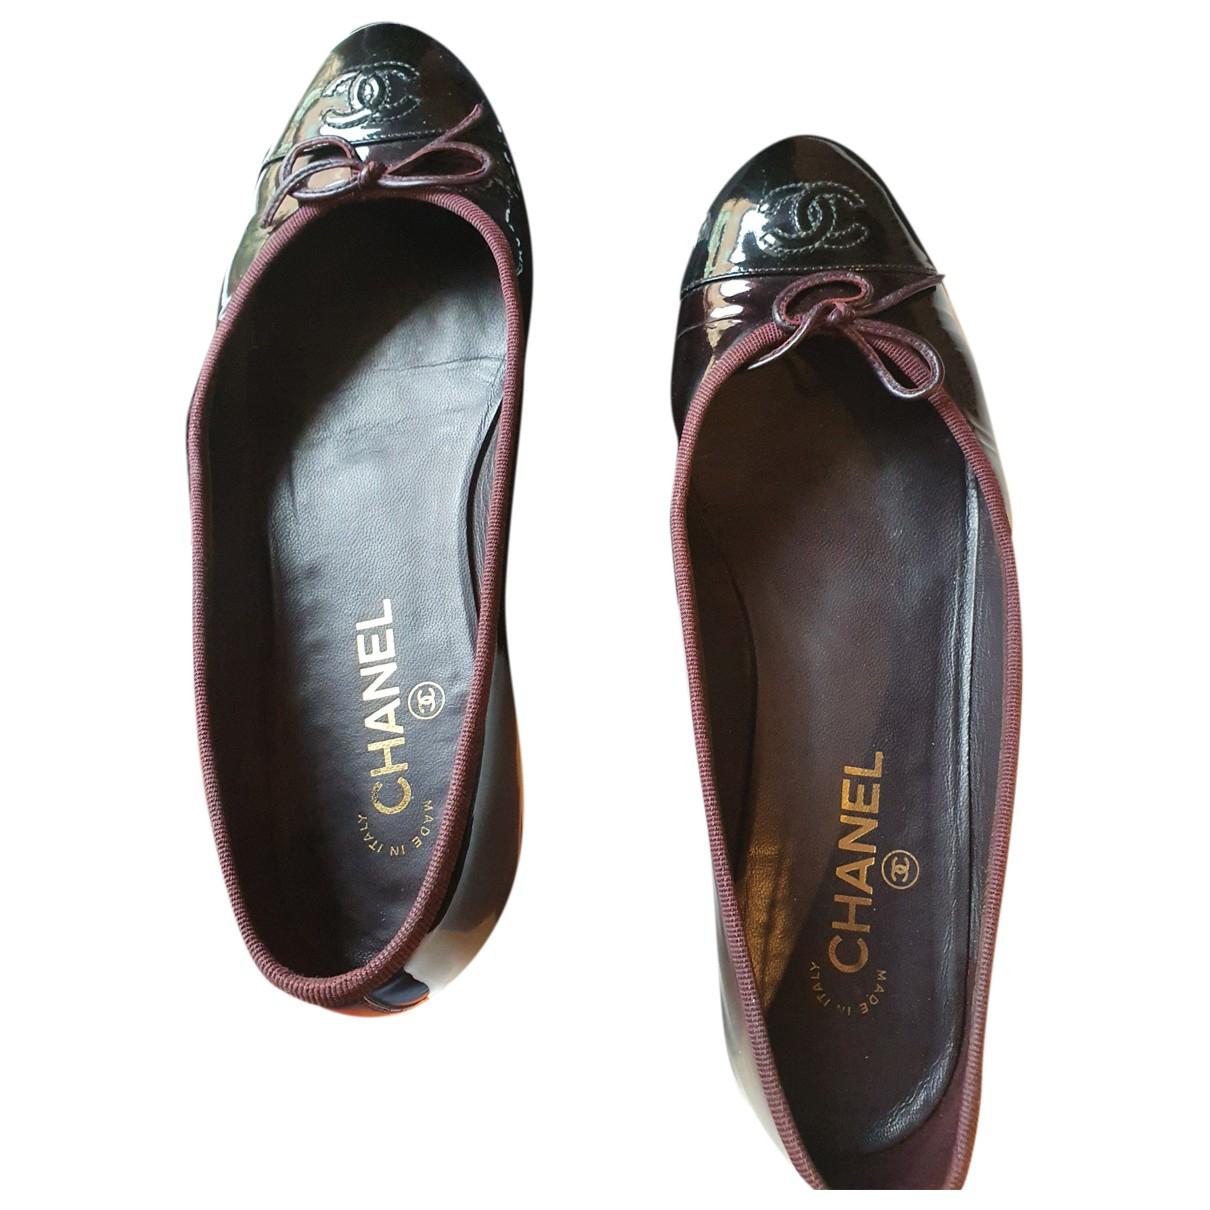 Chanel \N Ballerinas in  Schwarz Lackleder